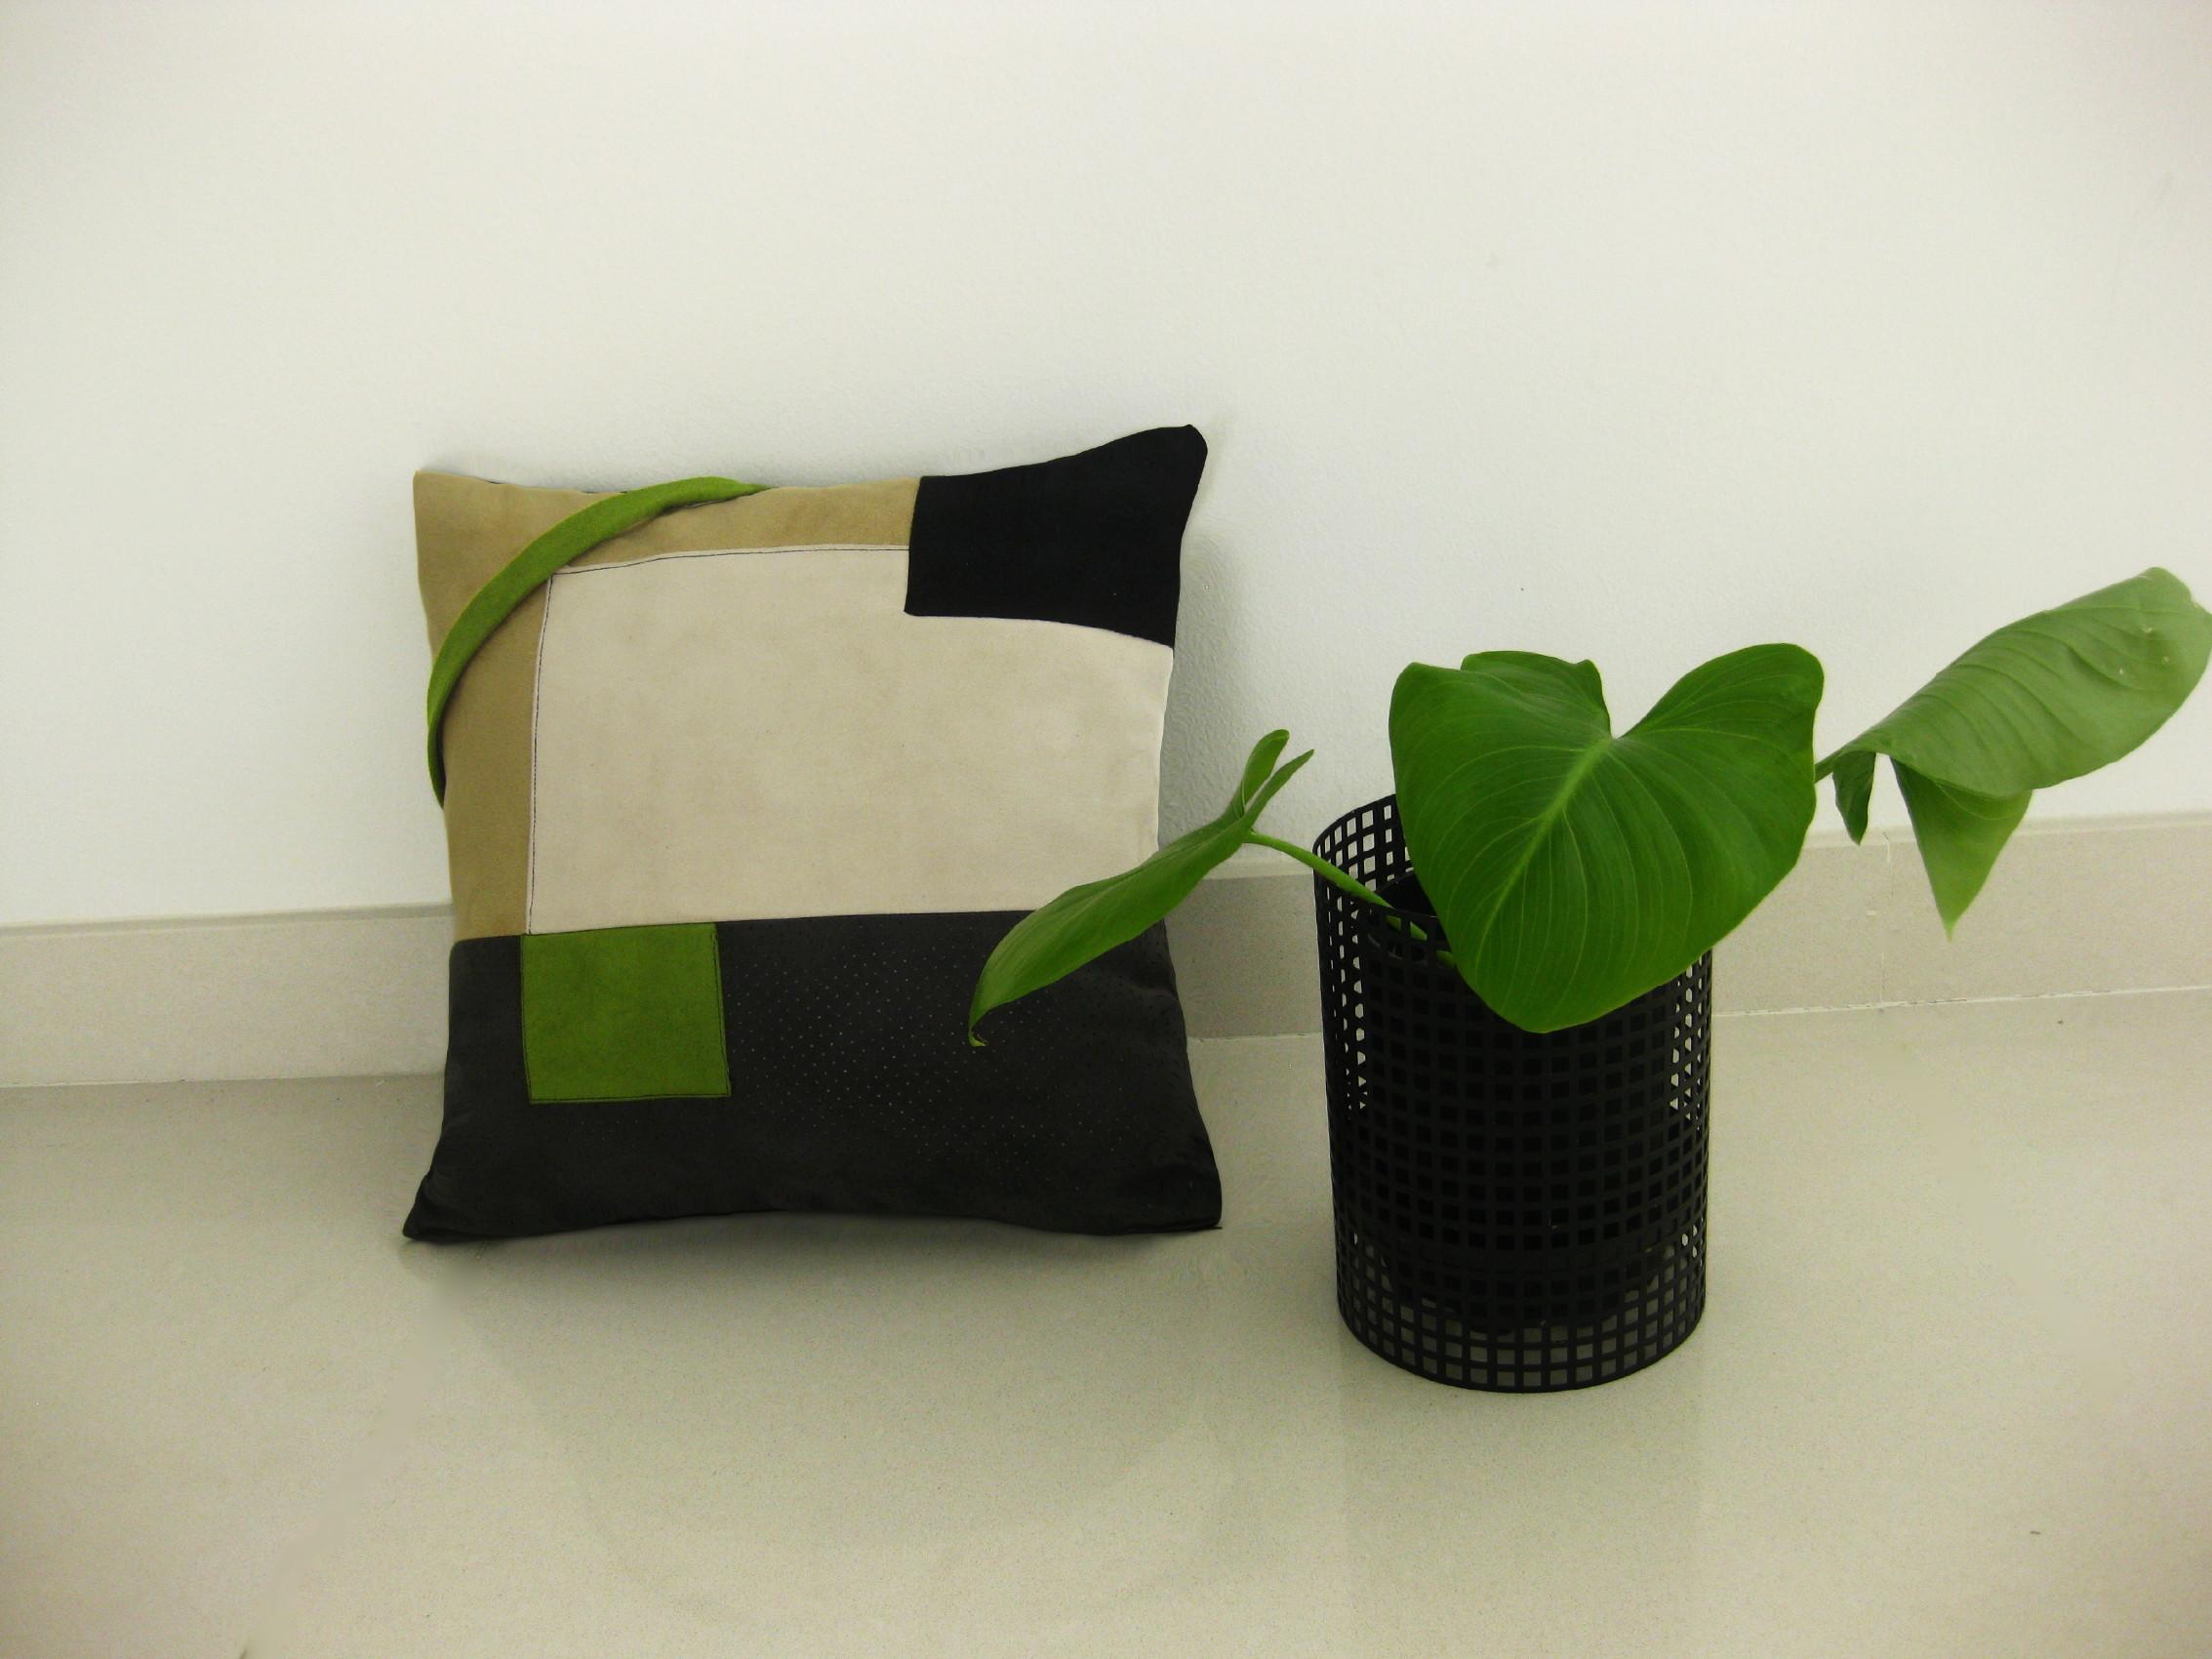 nova-linija-decora-kolekcija-jastuka-modne dizajnerice-marine-prevolsek-10